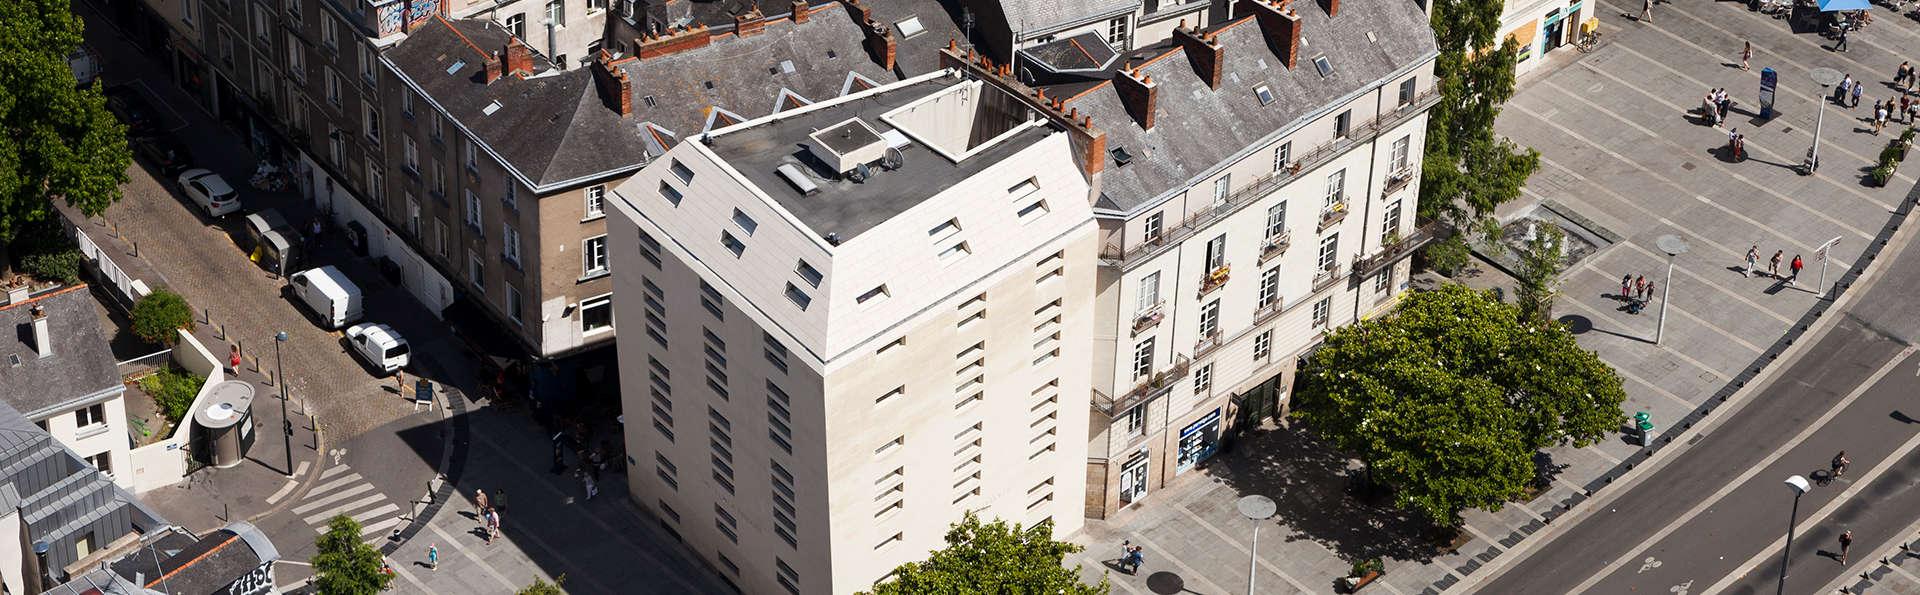 Hôtel La Pérouse - edit_front1_new.jpg